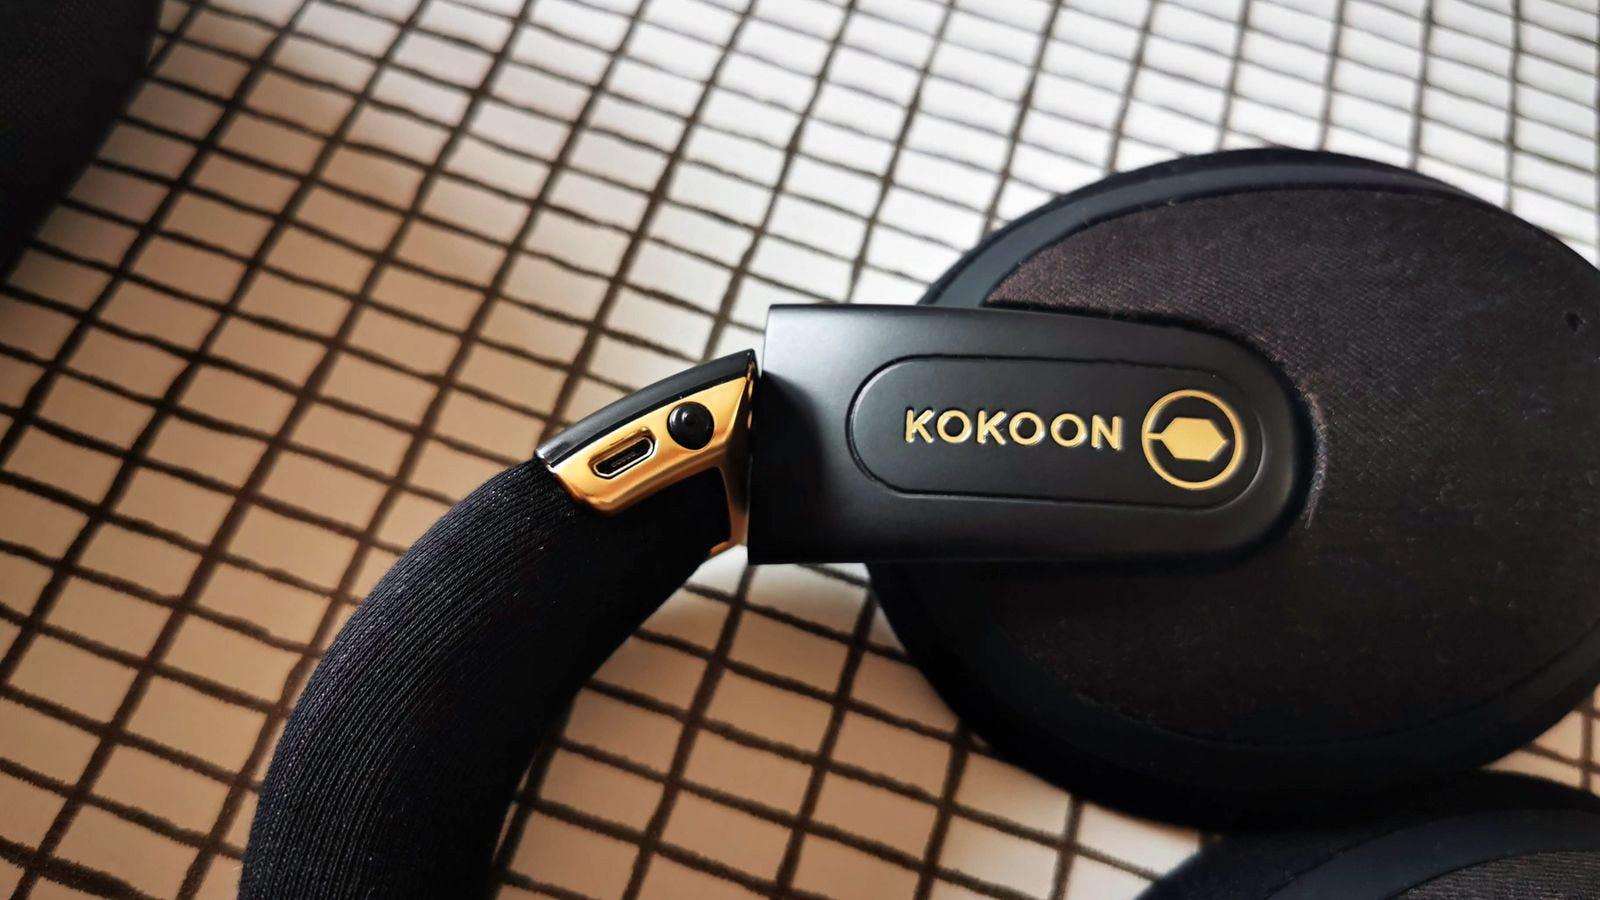 kokoon headphones right ear cup controls